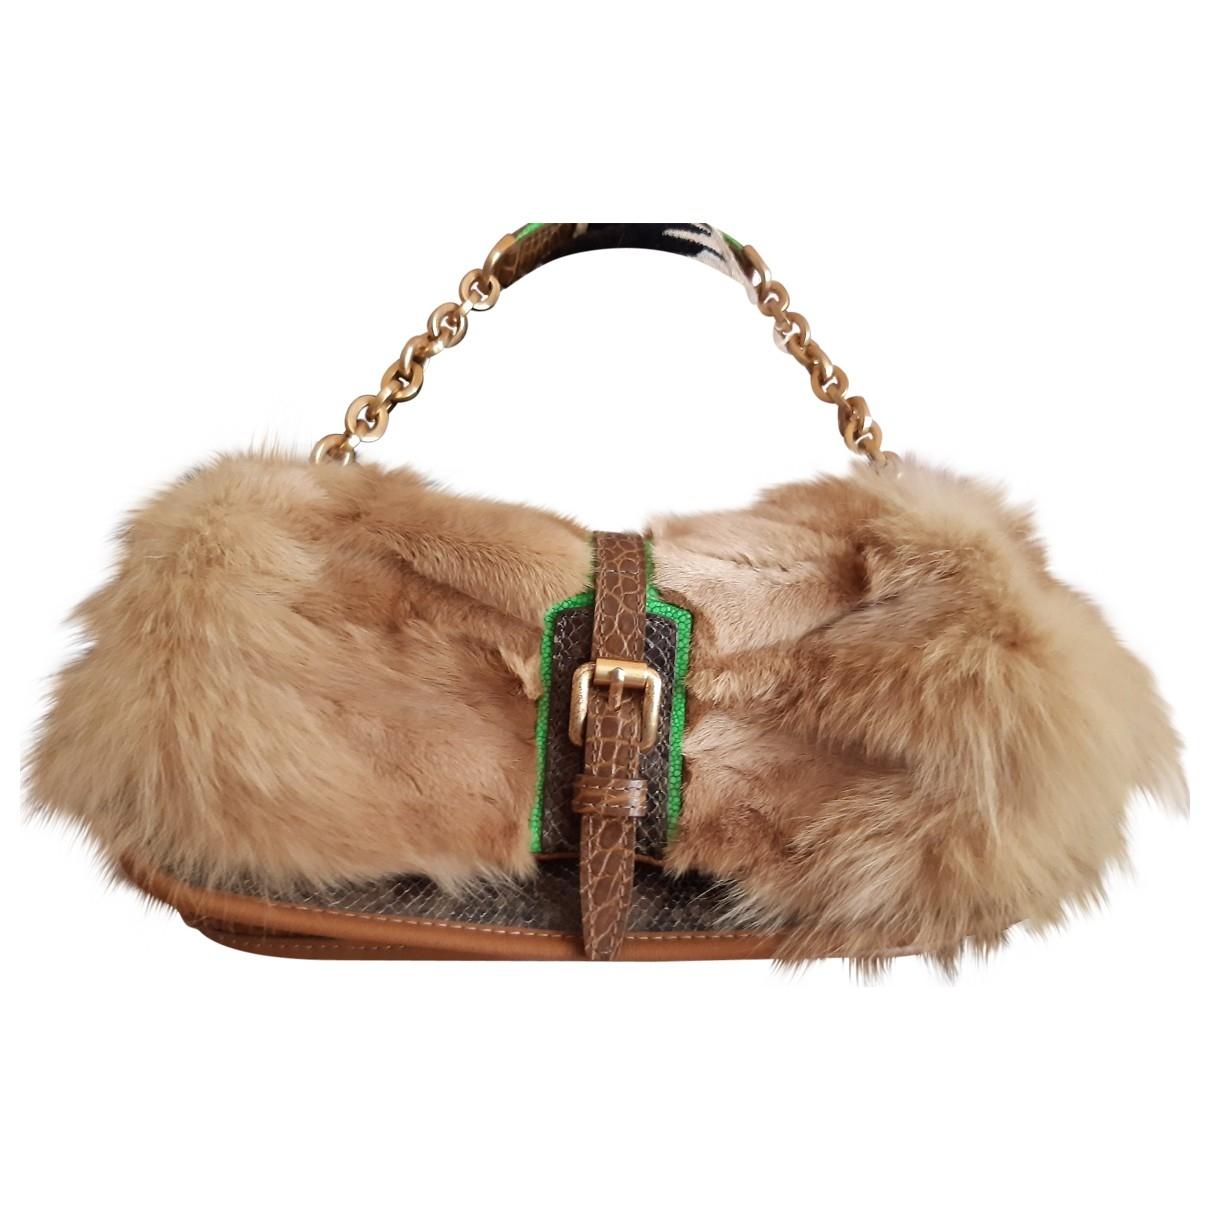 Longchamp \N Handtasche in  Kamel Fuchs